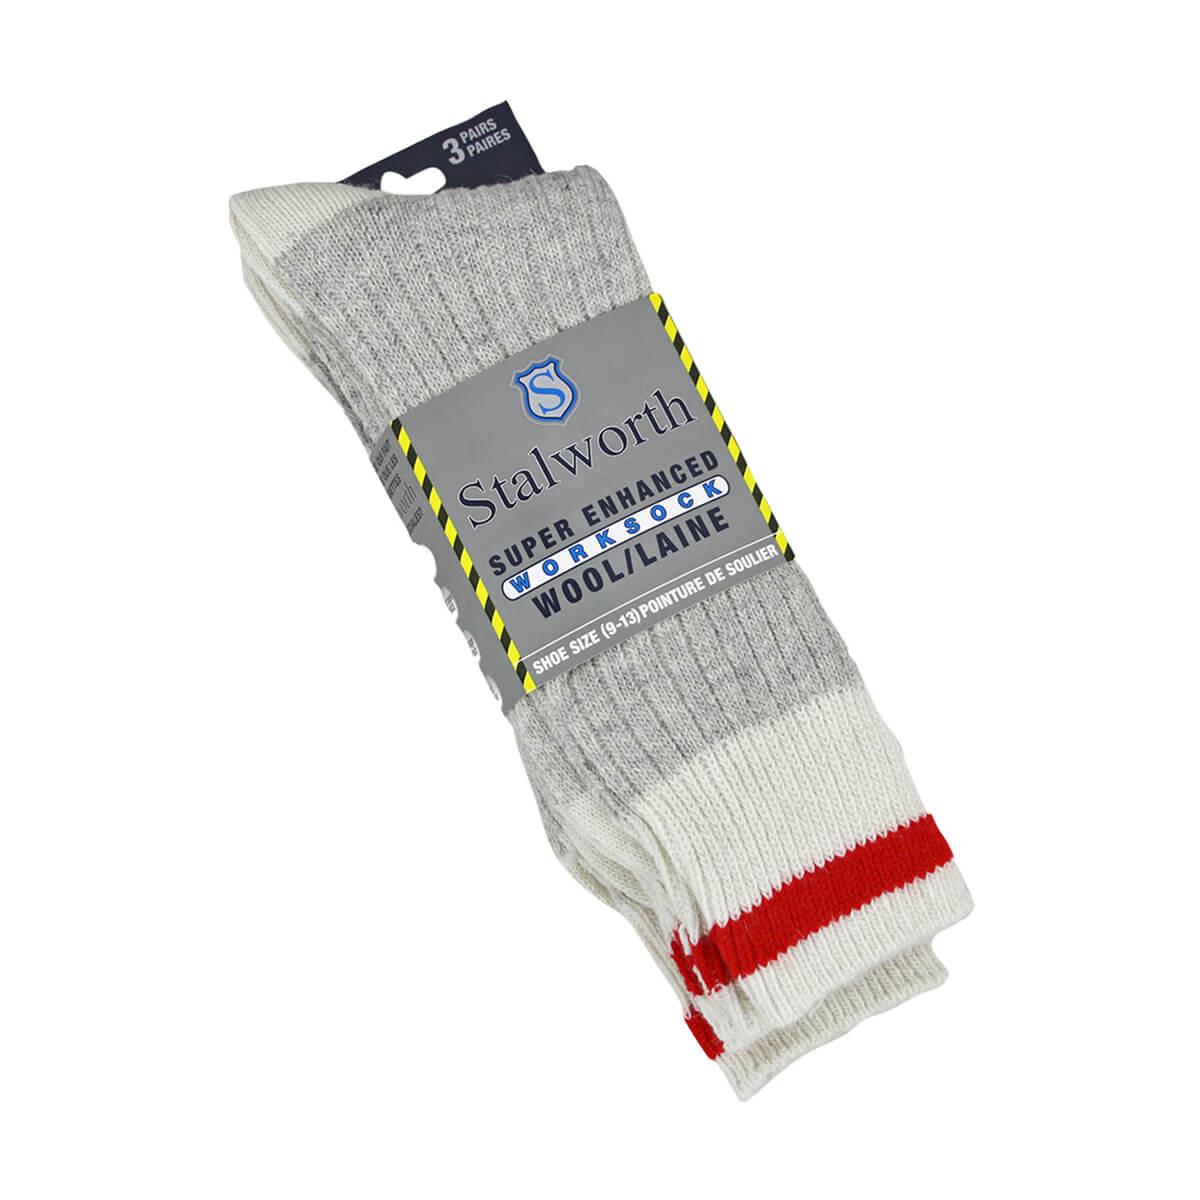 Stalworth Wool Work Socks - 3 Pack